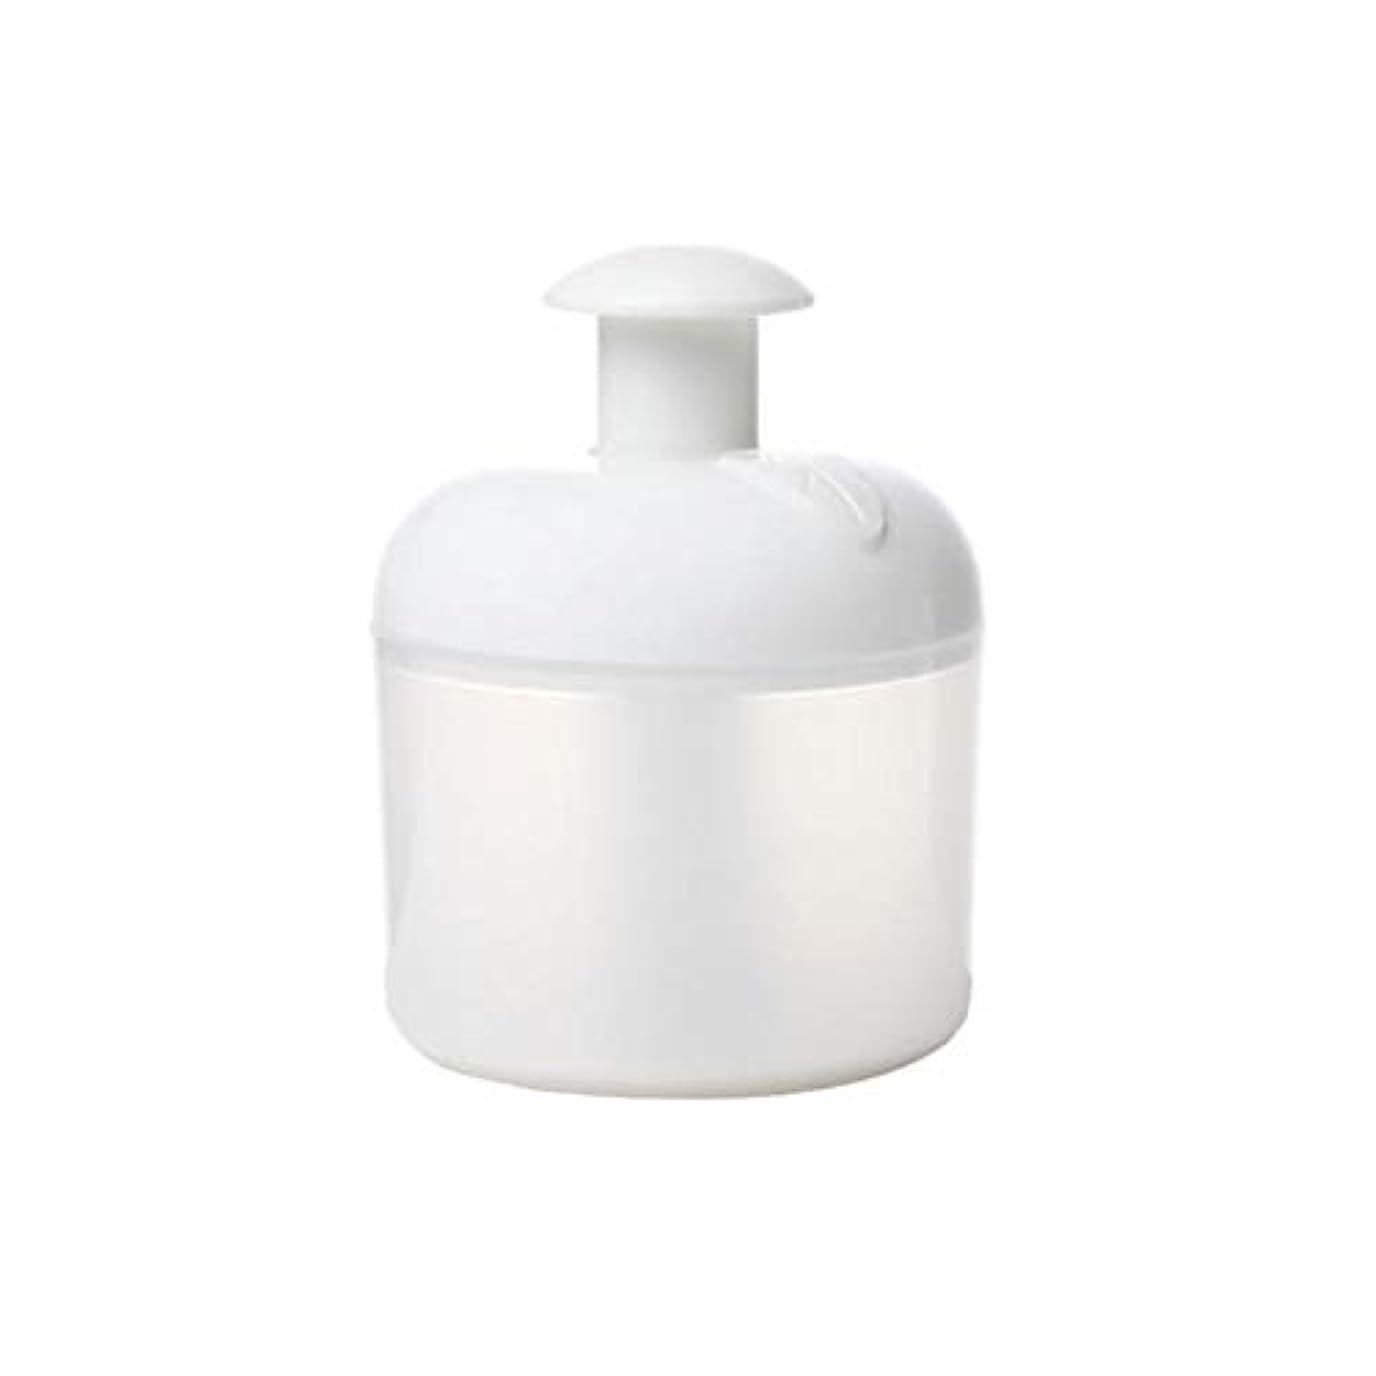 十年調査裂け目マイクロバブルフォーマー - Dewin 洗顔泡立て器 洗顔ネット マイクロホイッパー クリーンツール 7倍の濃厚なバブル 美容グッズ